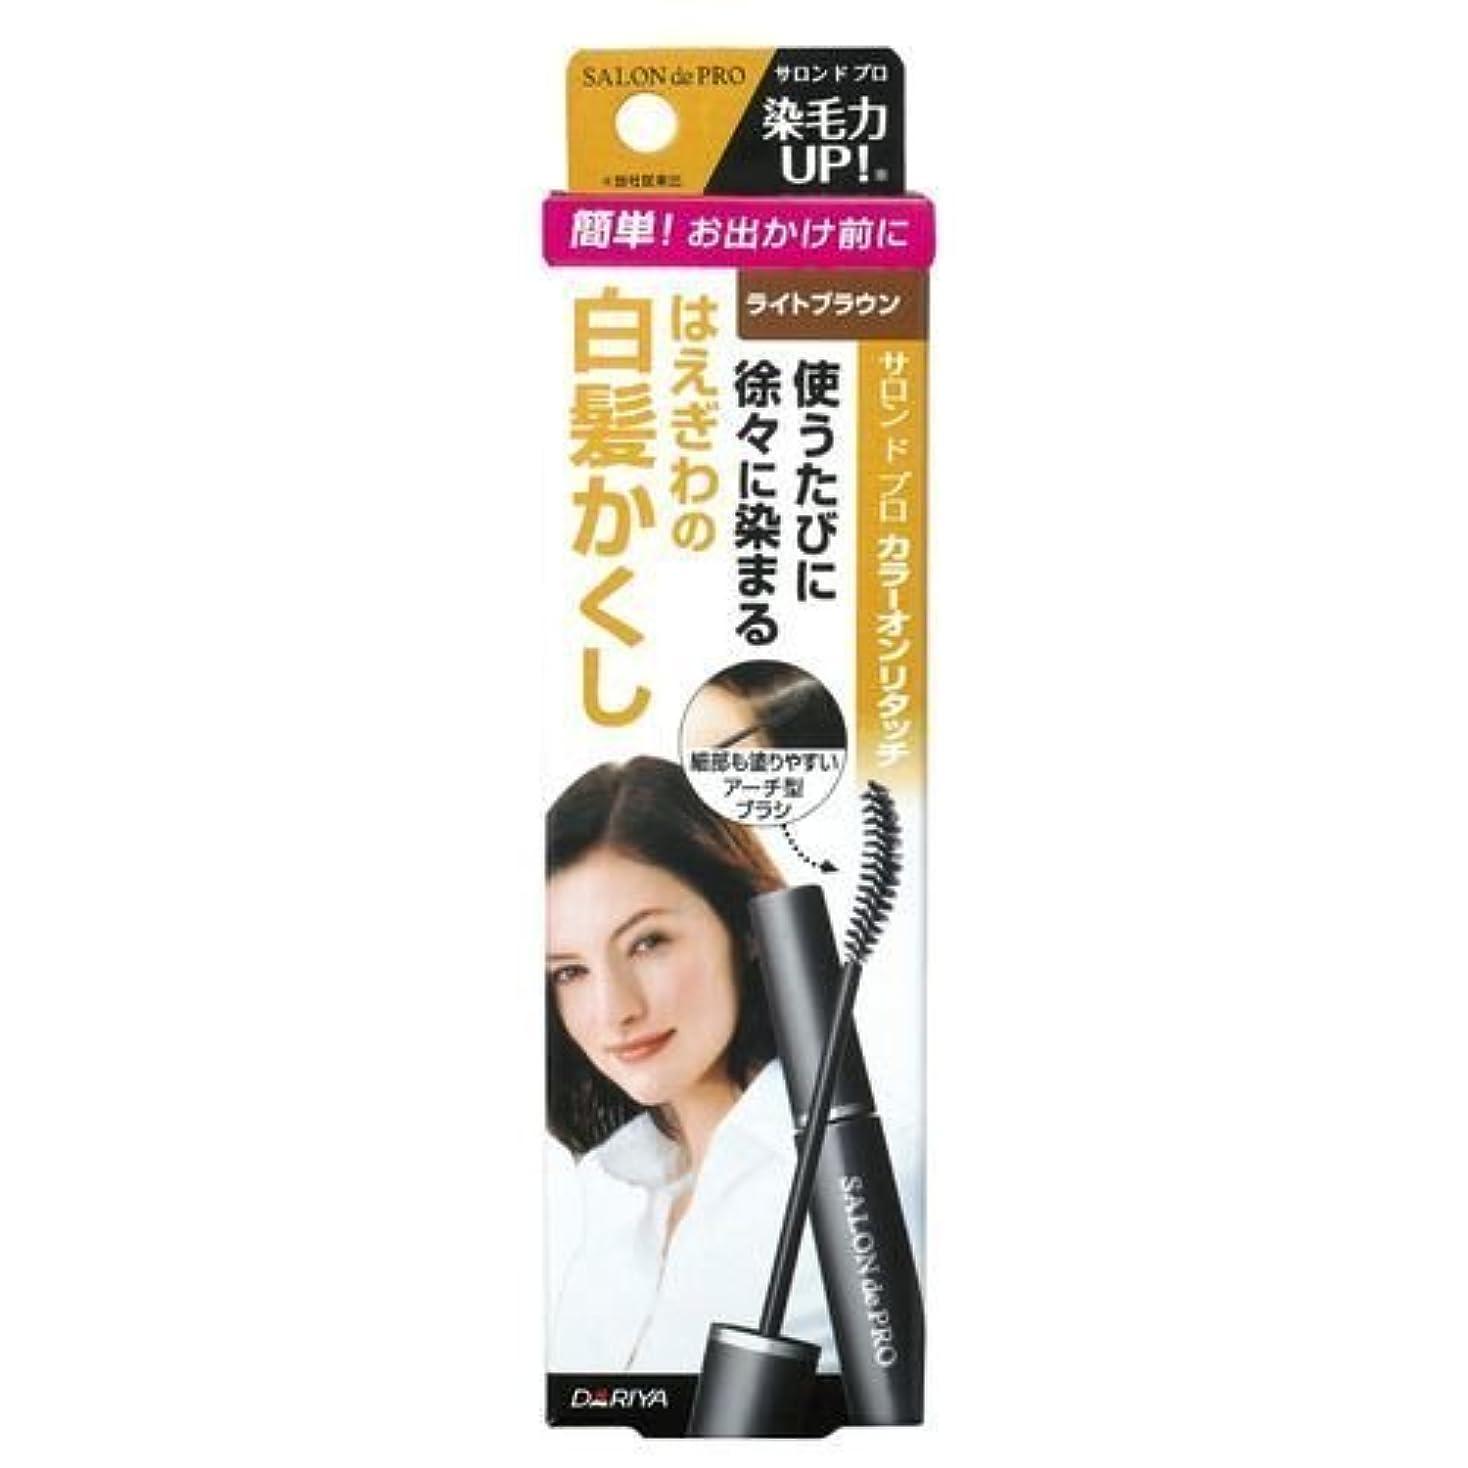 熟読する散文イノセンスサロンドプロ カラーオンリタッチ 白髪かくしEX ライトブラウン 15ml